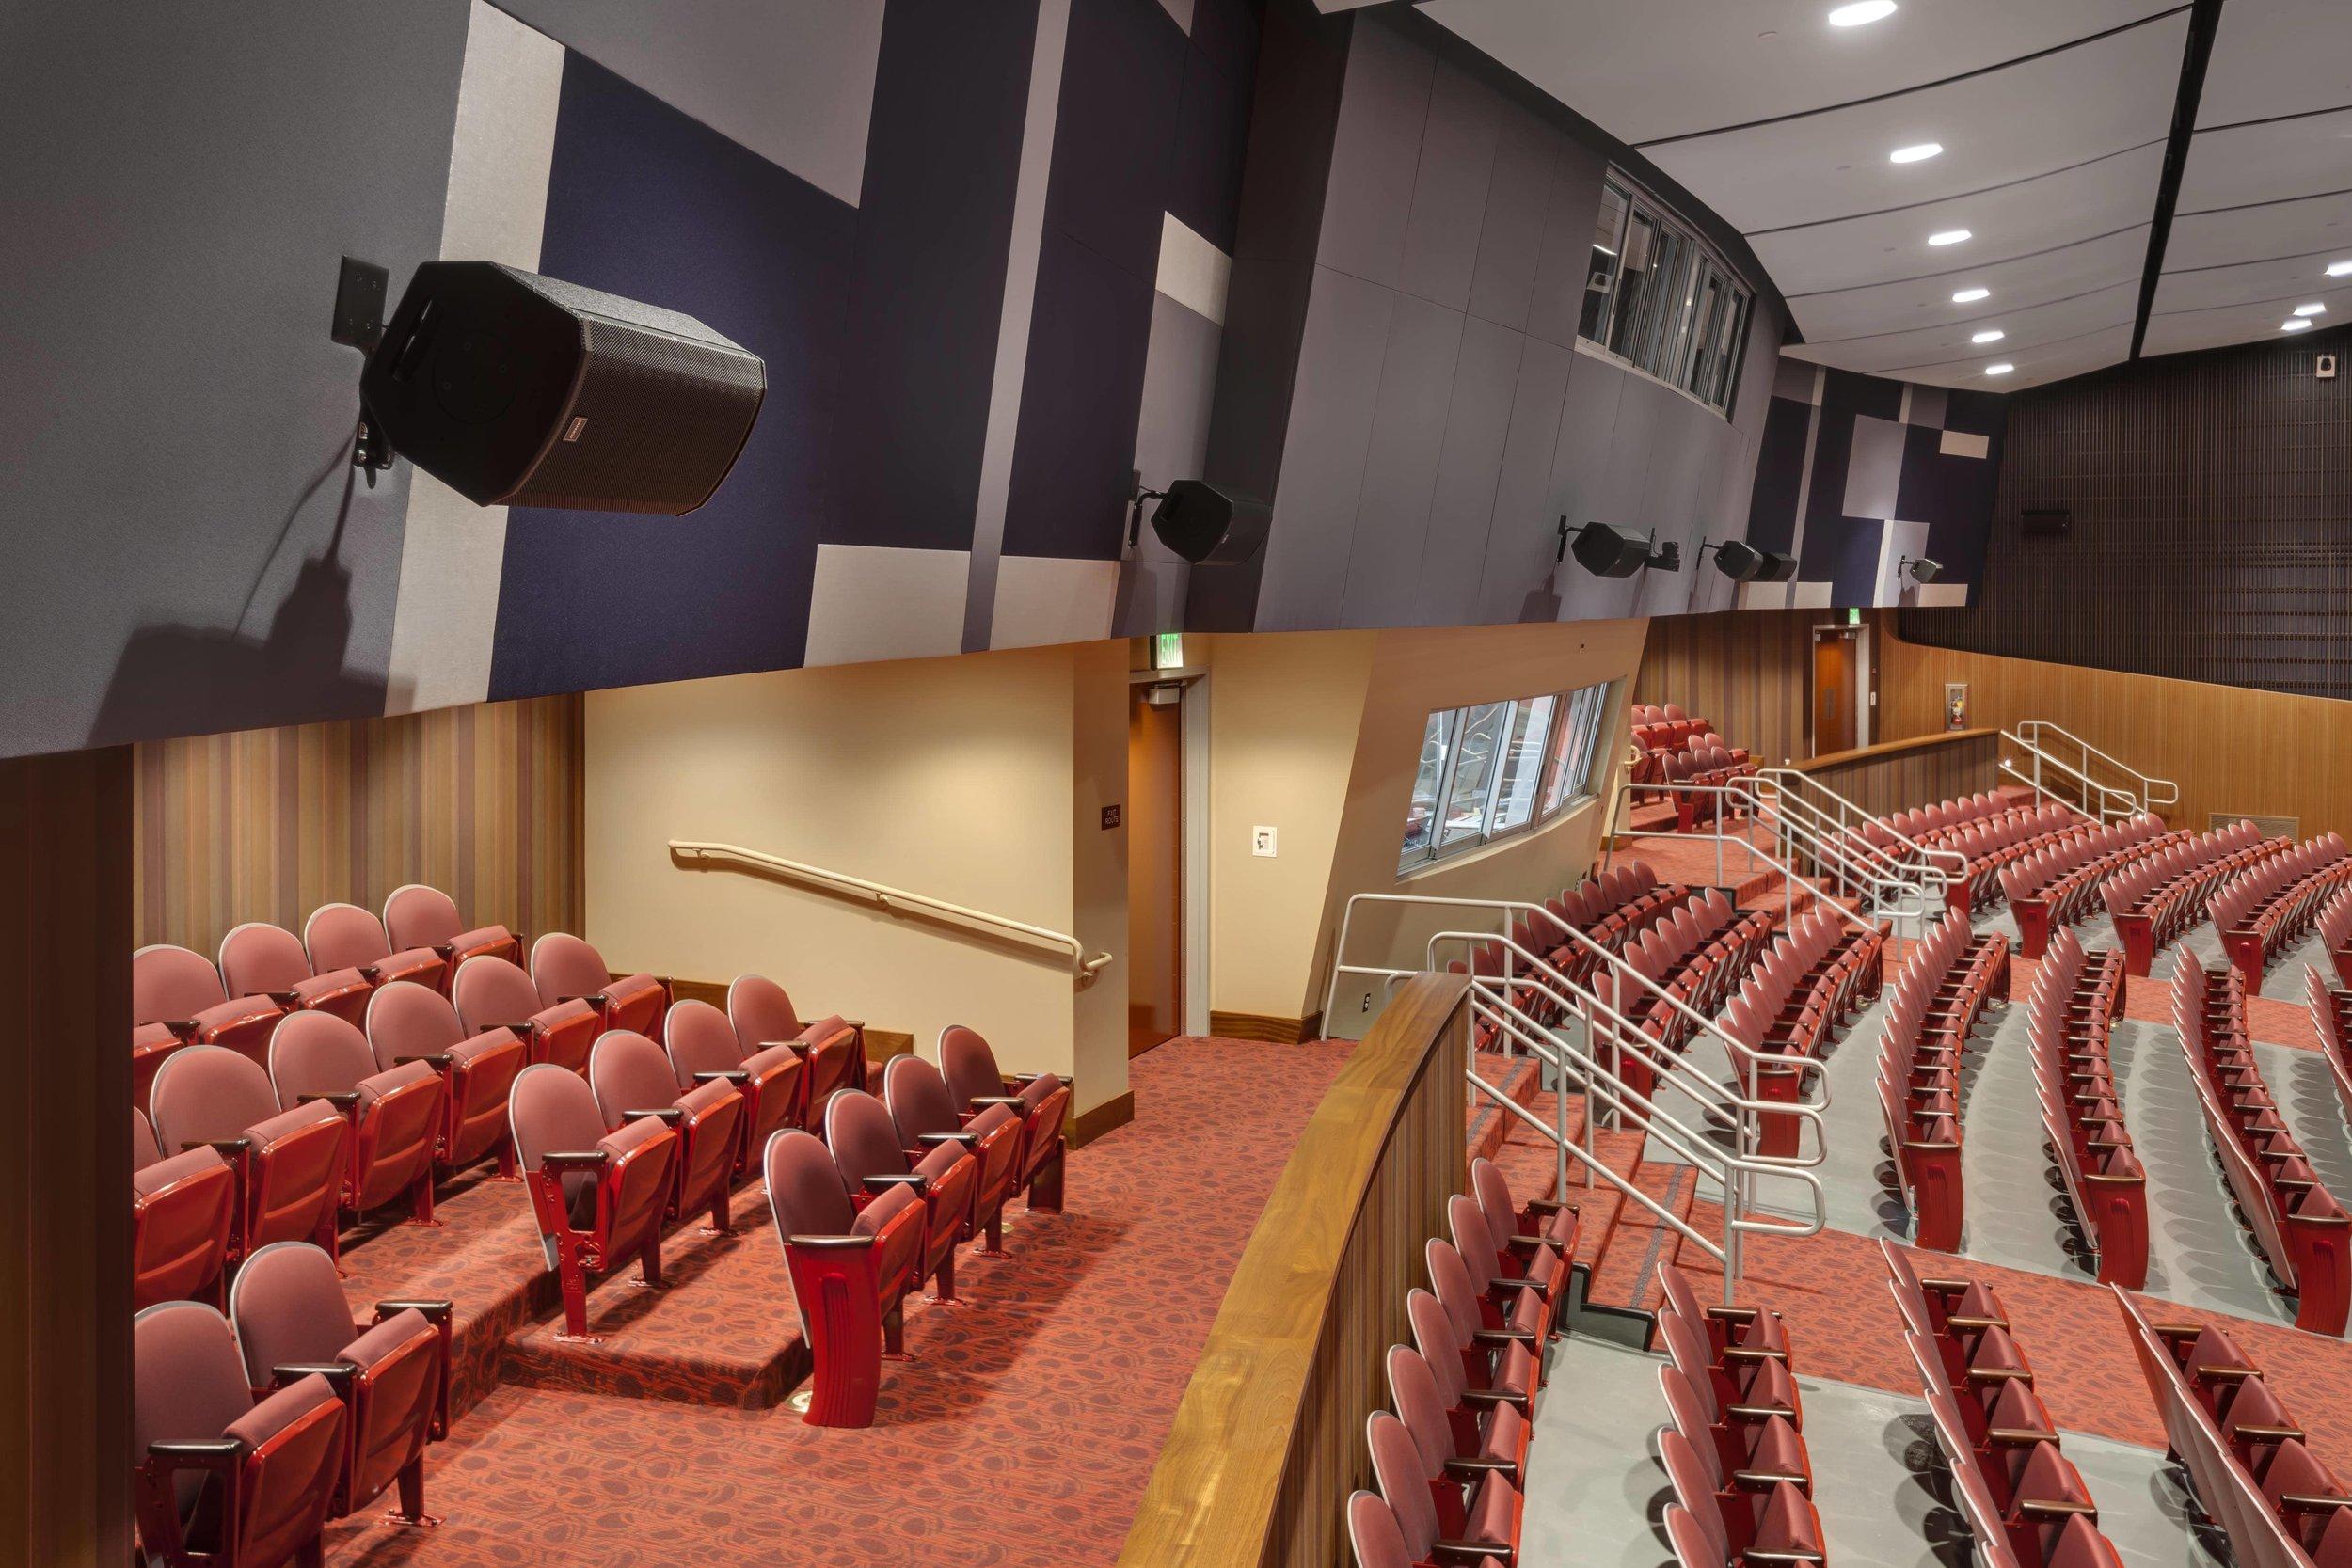 7. AV Control Room